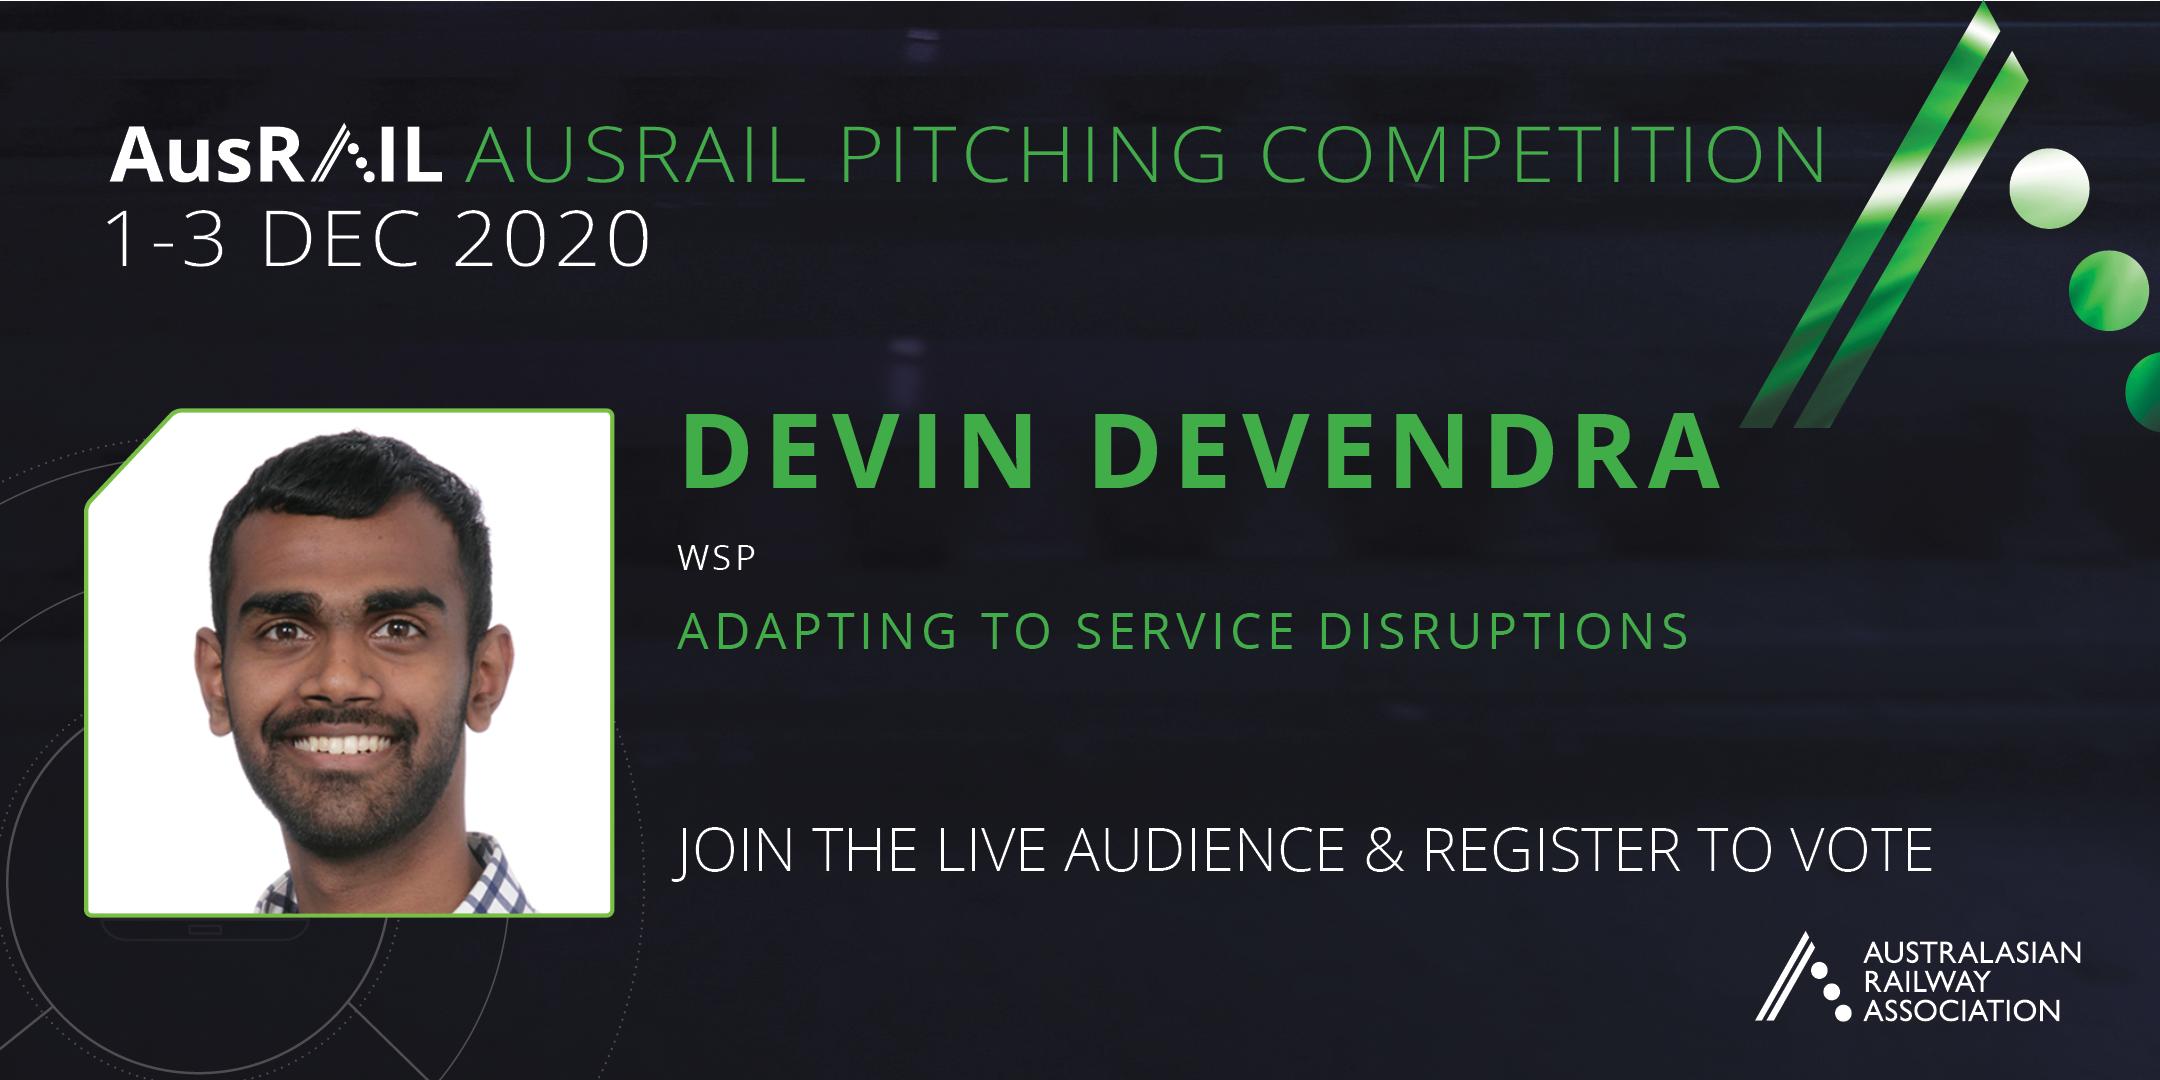 Devin Devendra